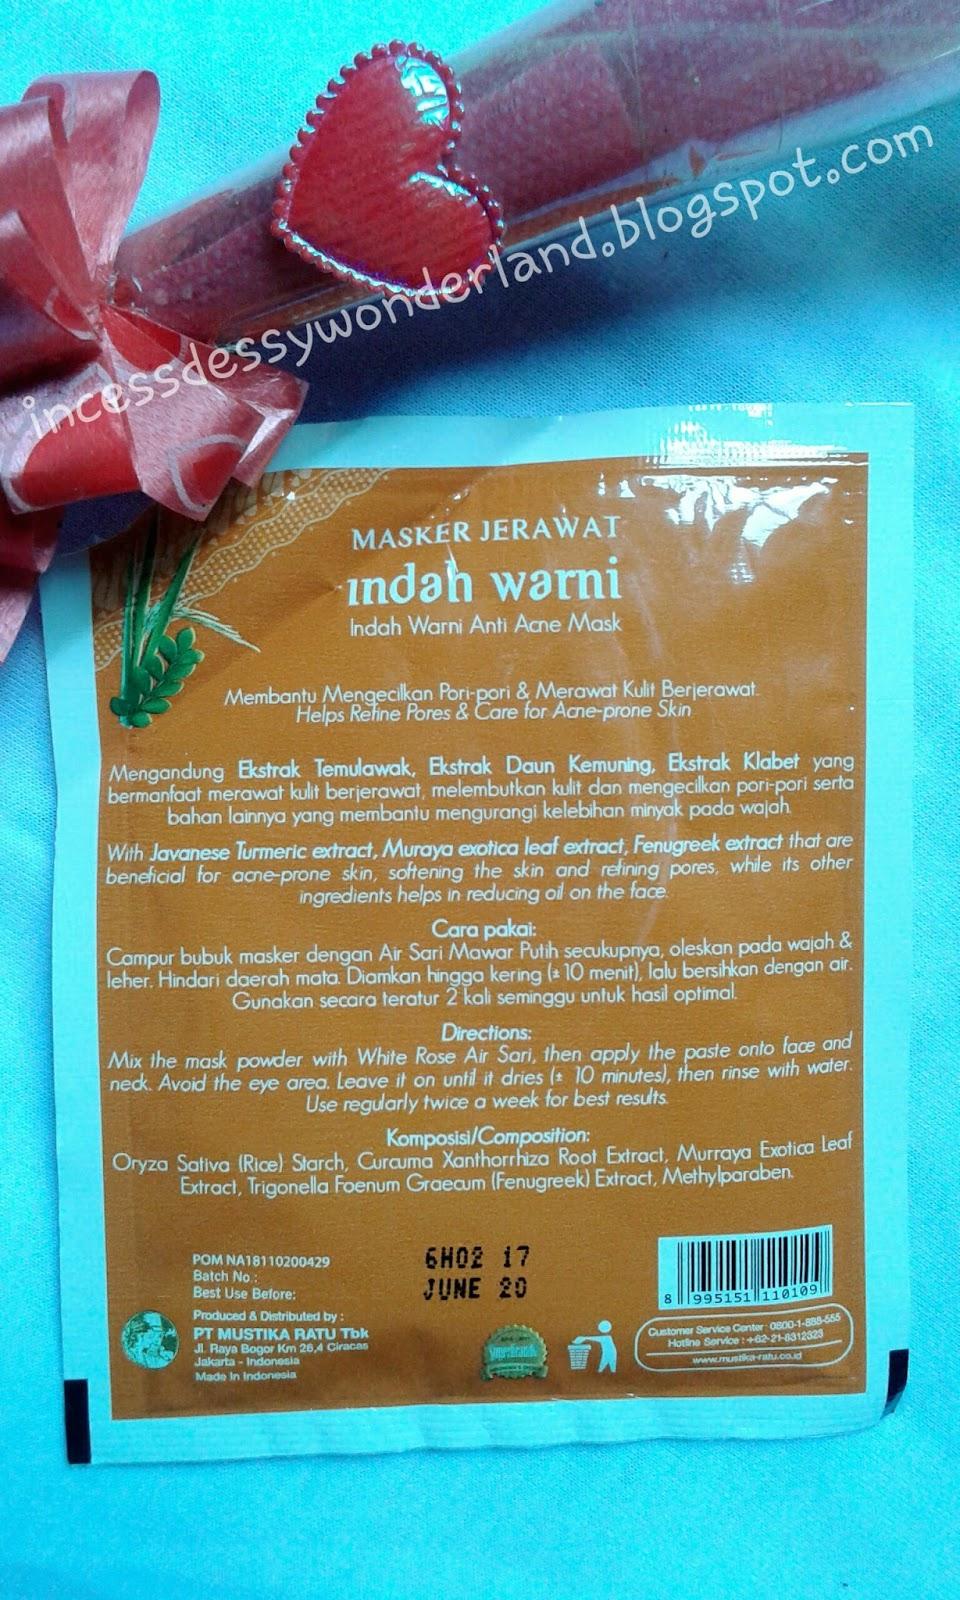 Mustika Ratu Masker Tomat 15 Gr Review Produk Harga Terlengkap Paket Bengkoang Sachet 2x15ml 1 Tube 60ml Kemasannya Sama Dengan Peeling Dan Yang Akan Saya Bahas Belakangan Nanti Membedakan